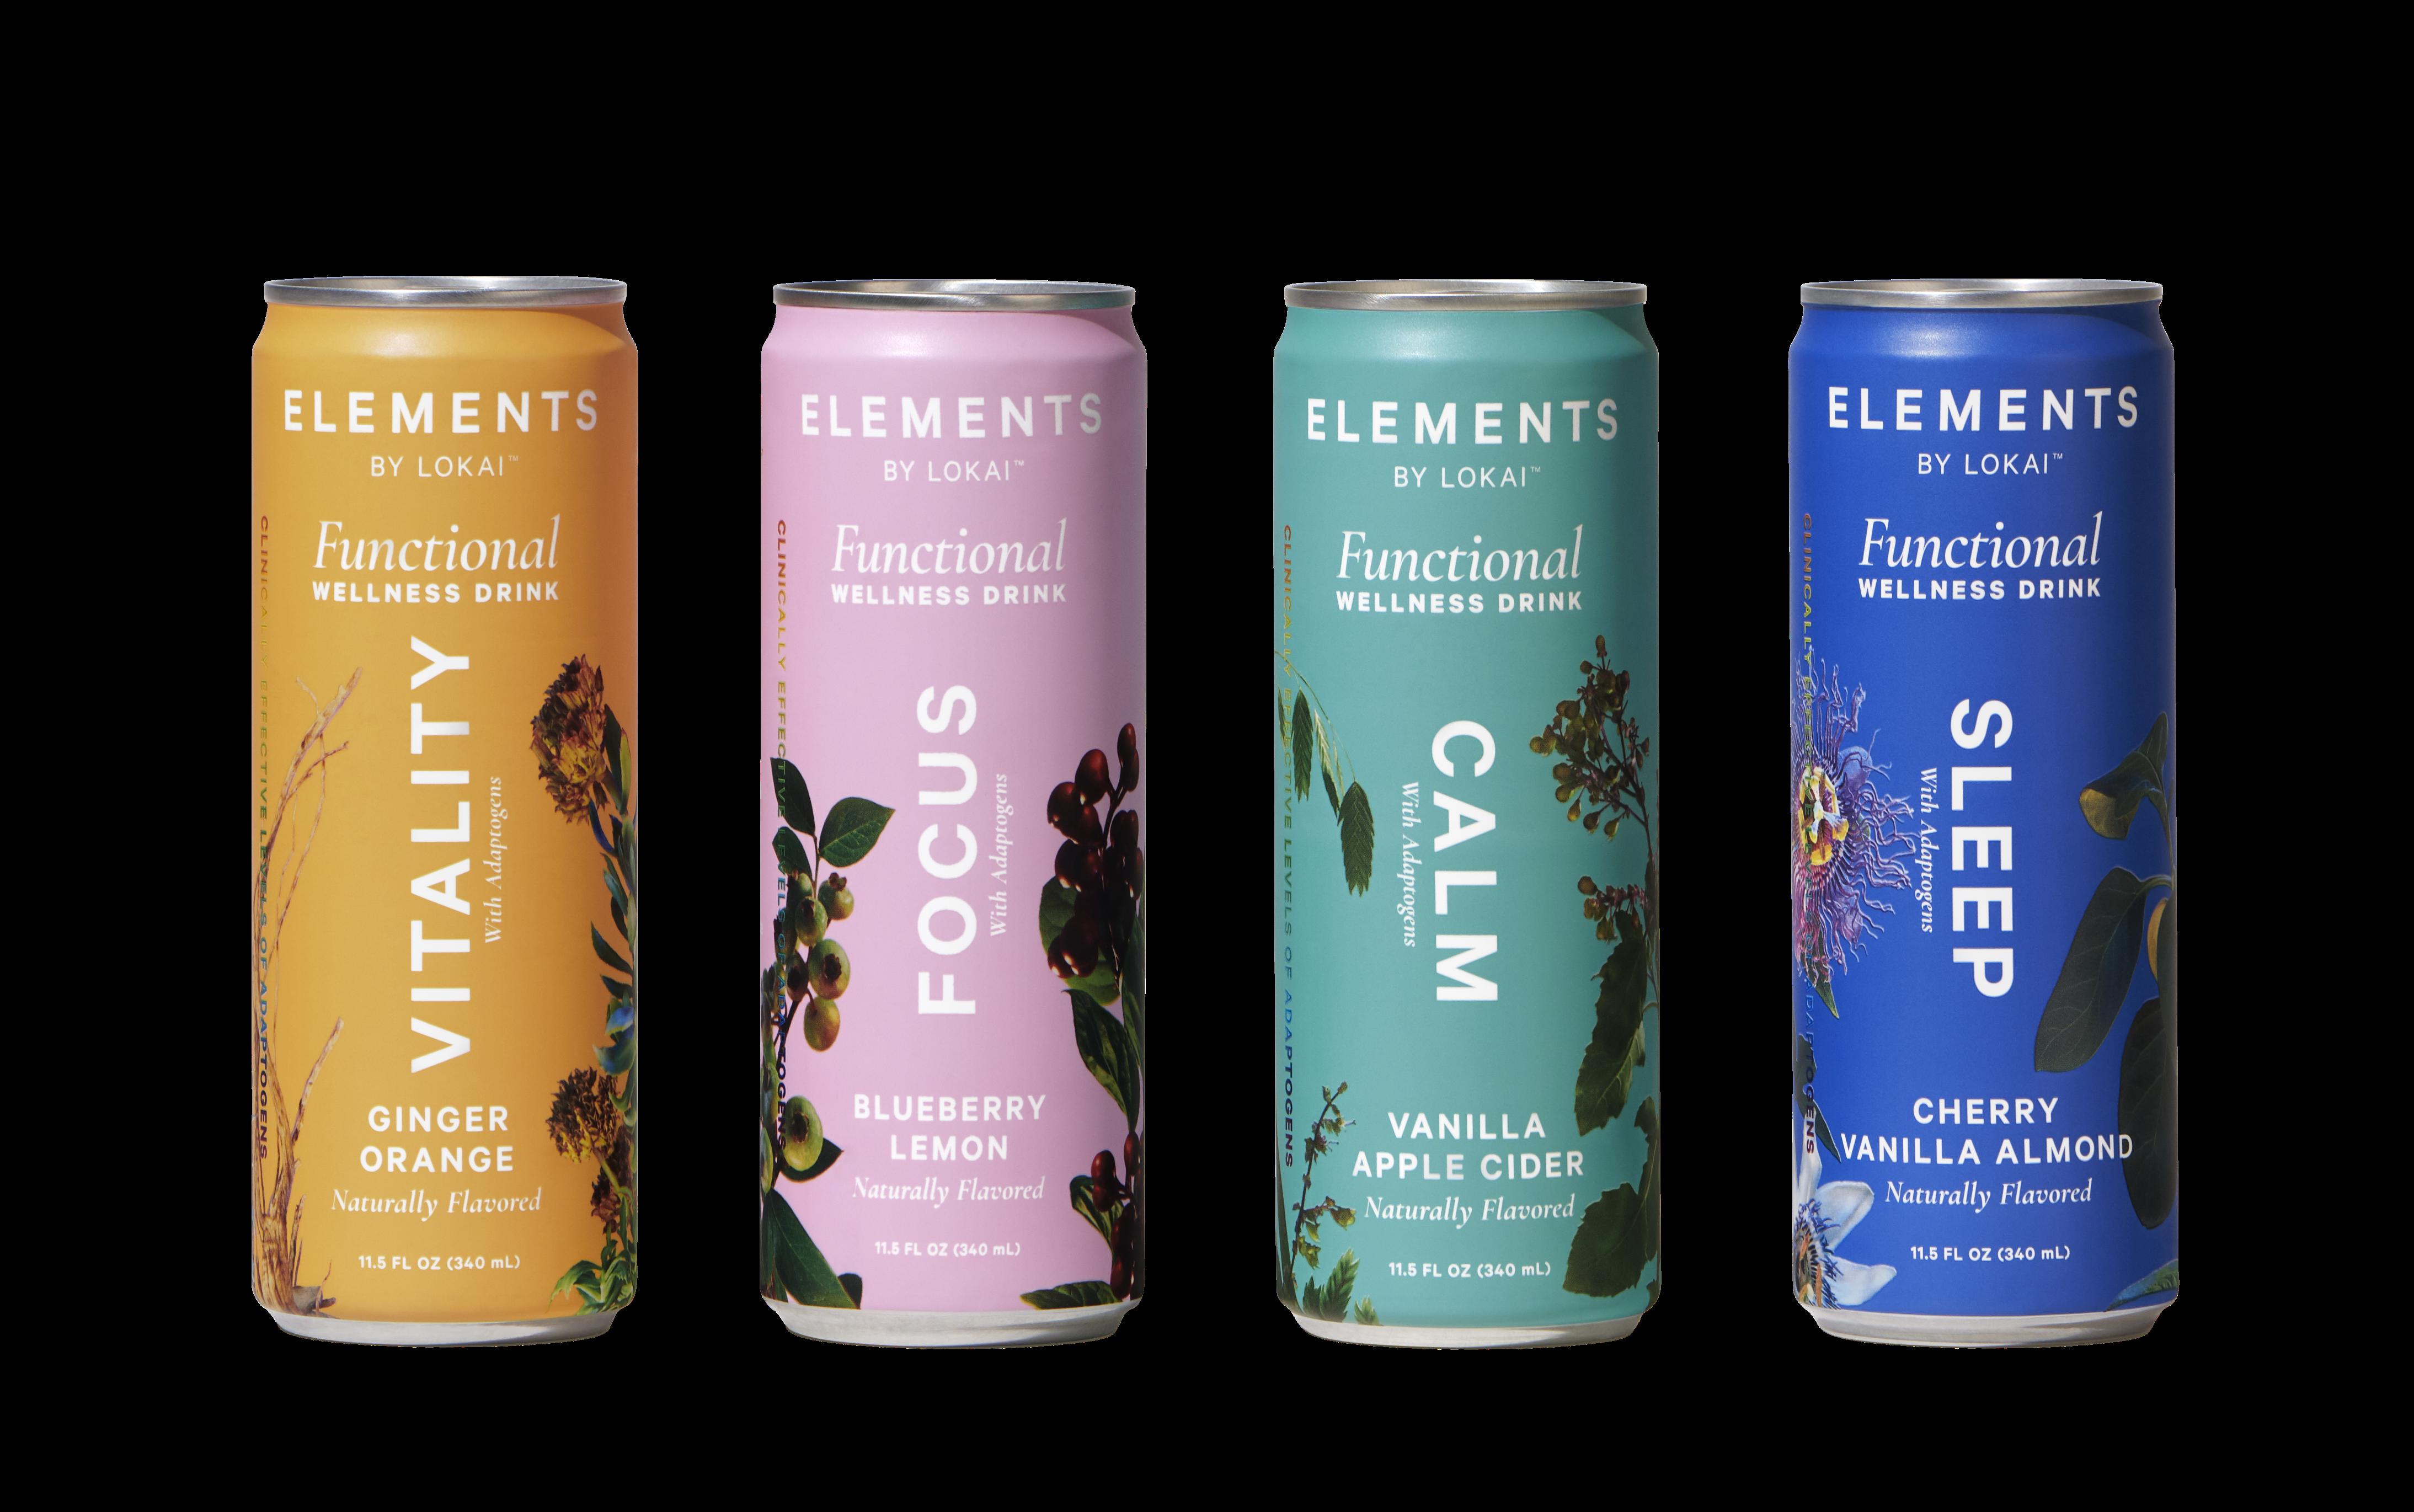 Elements - 4 Flavors